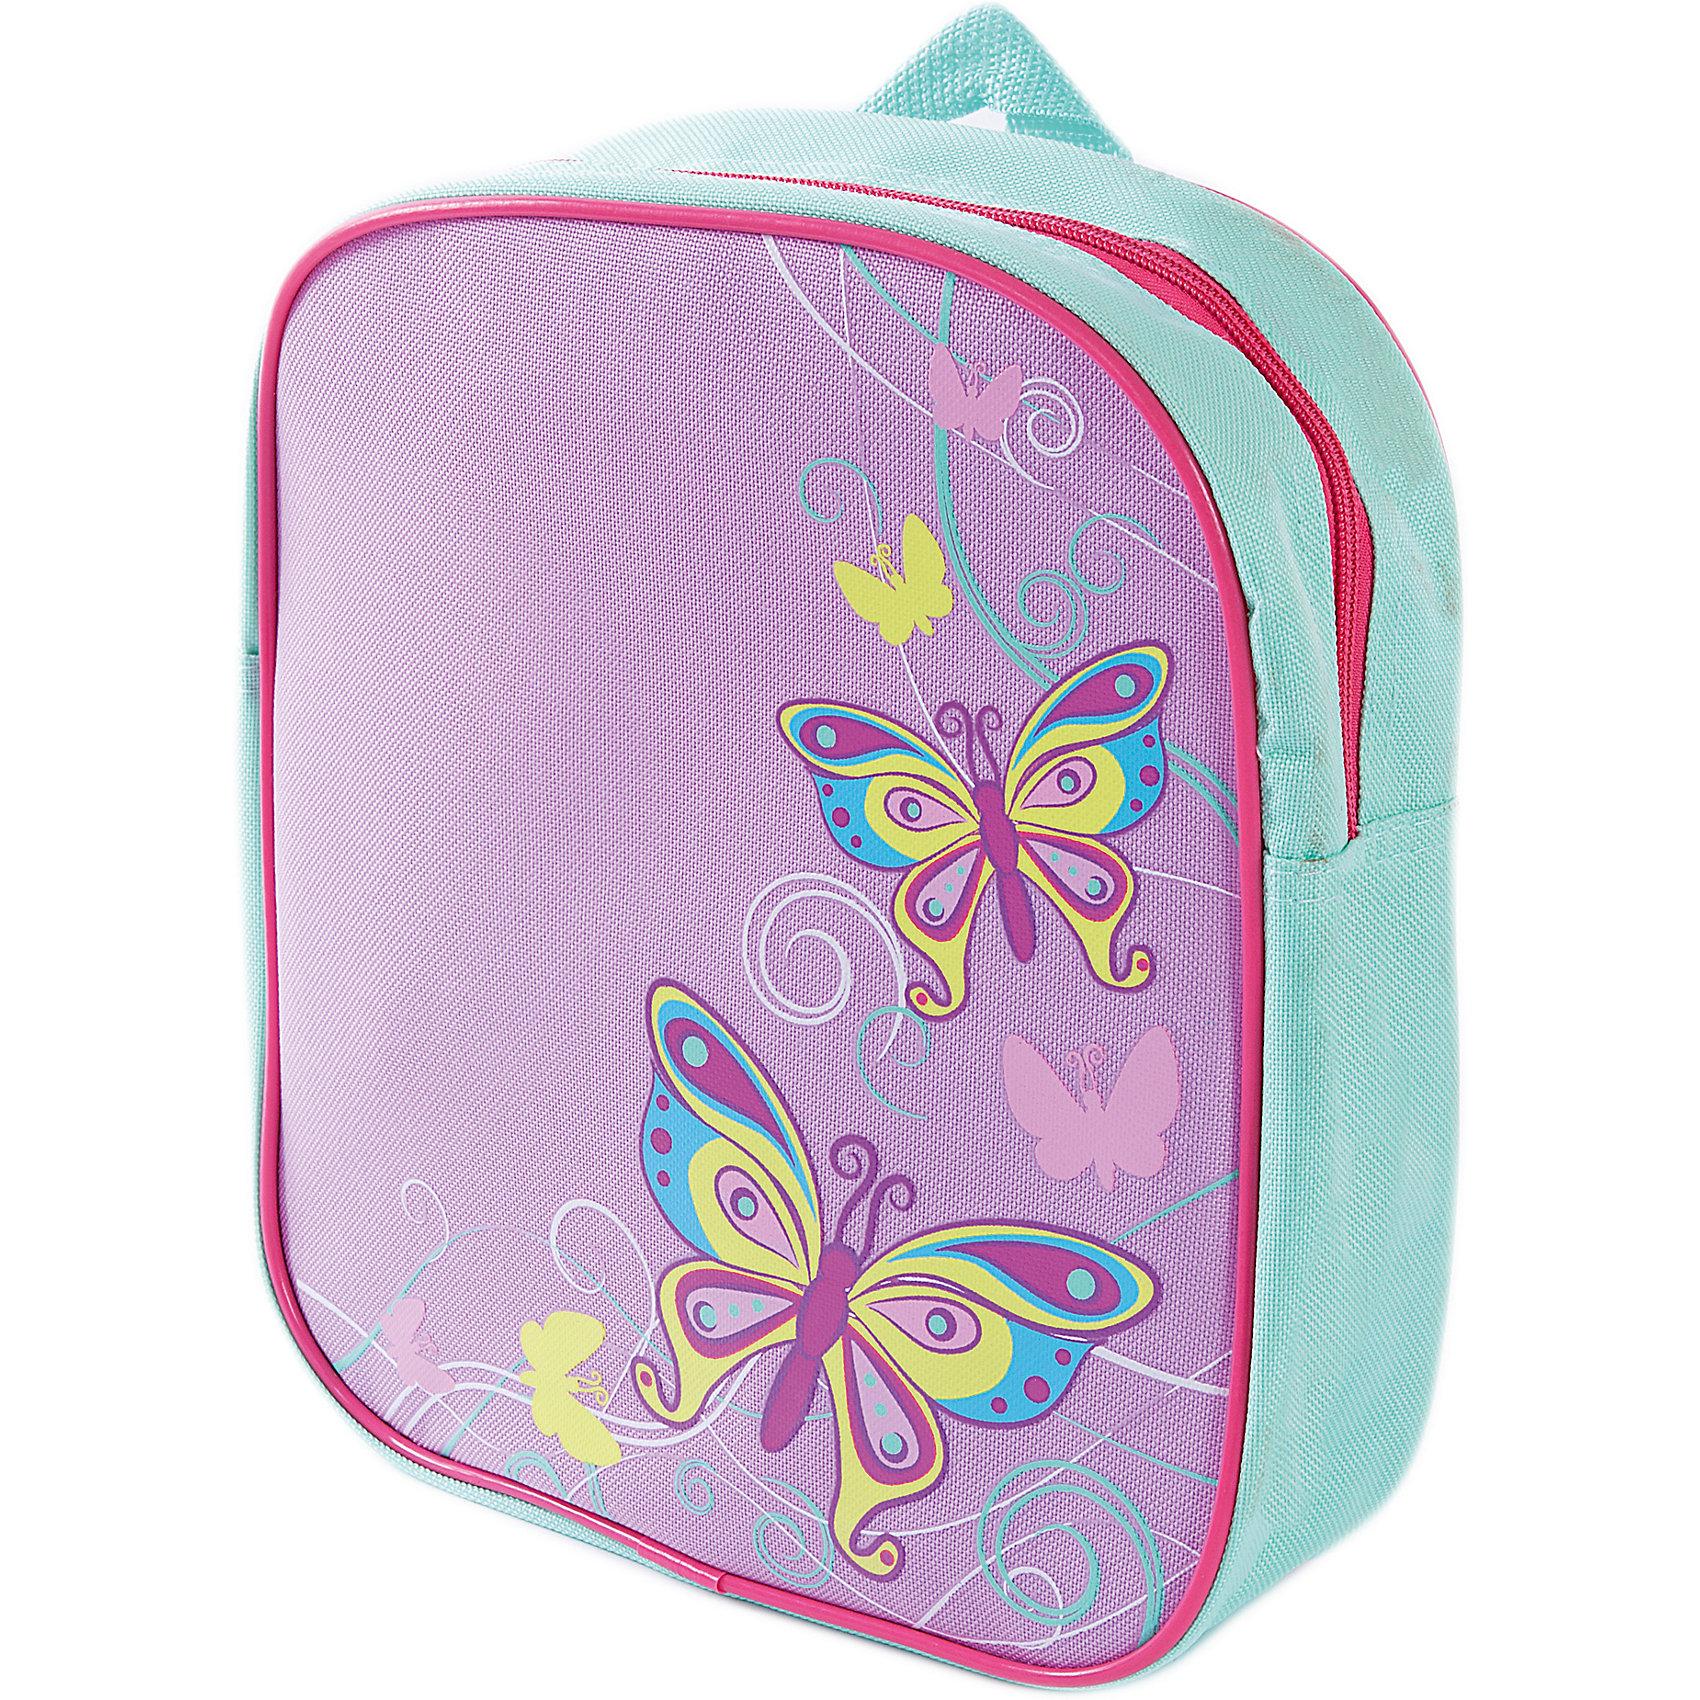 Рюкзак Бабочки 24*8*27см.Детские рюкзаки<br>Рюкзак Бабочки выполнен в сочетании нежных фиолетового, бирюзового и других цветов, украшен порхающими бабочками - все это делает рюкзак милой вещицей, которая понравится девочке. Рюкзак закрывается на молнию, он легкий и компактный. Носить такой рюкзак ребенку будет удобно и комфортно.<br><br>Ширина мм: 240<br>Глубина мм: 270<br>Высота мм: 800<br>Вес г: 150<br>Возраст от месяцев: 36<br>Возраст до месяцев: 2147483647<br>Пол: Женский<br>Возраст: Детский<br>SKU: 5508536